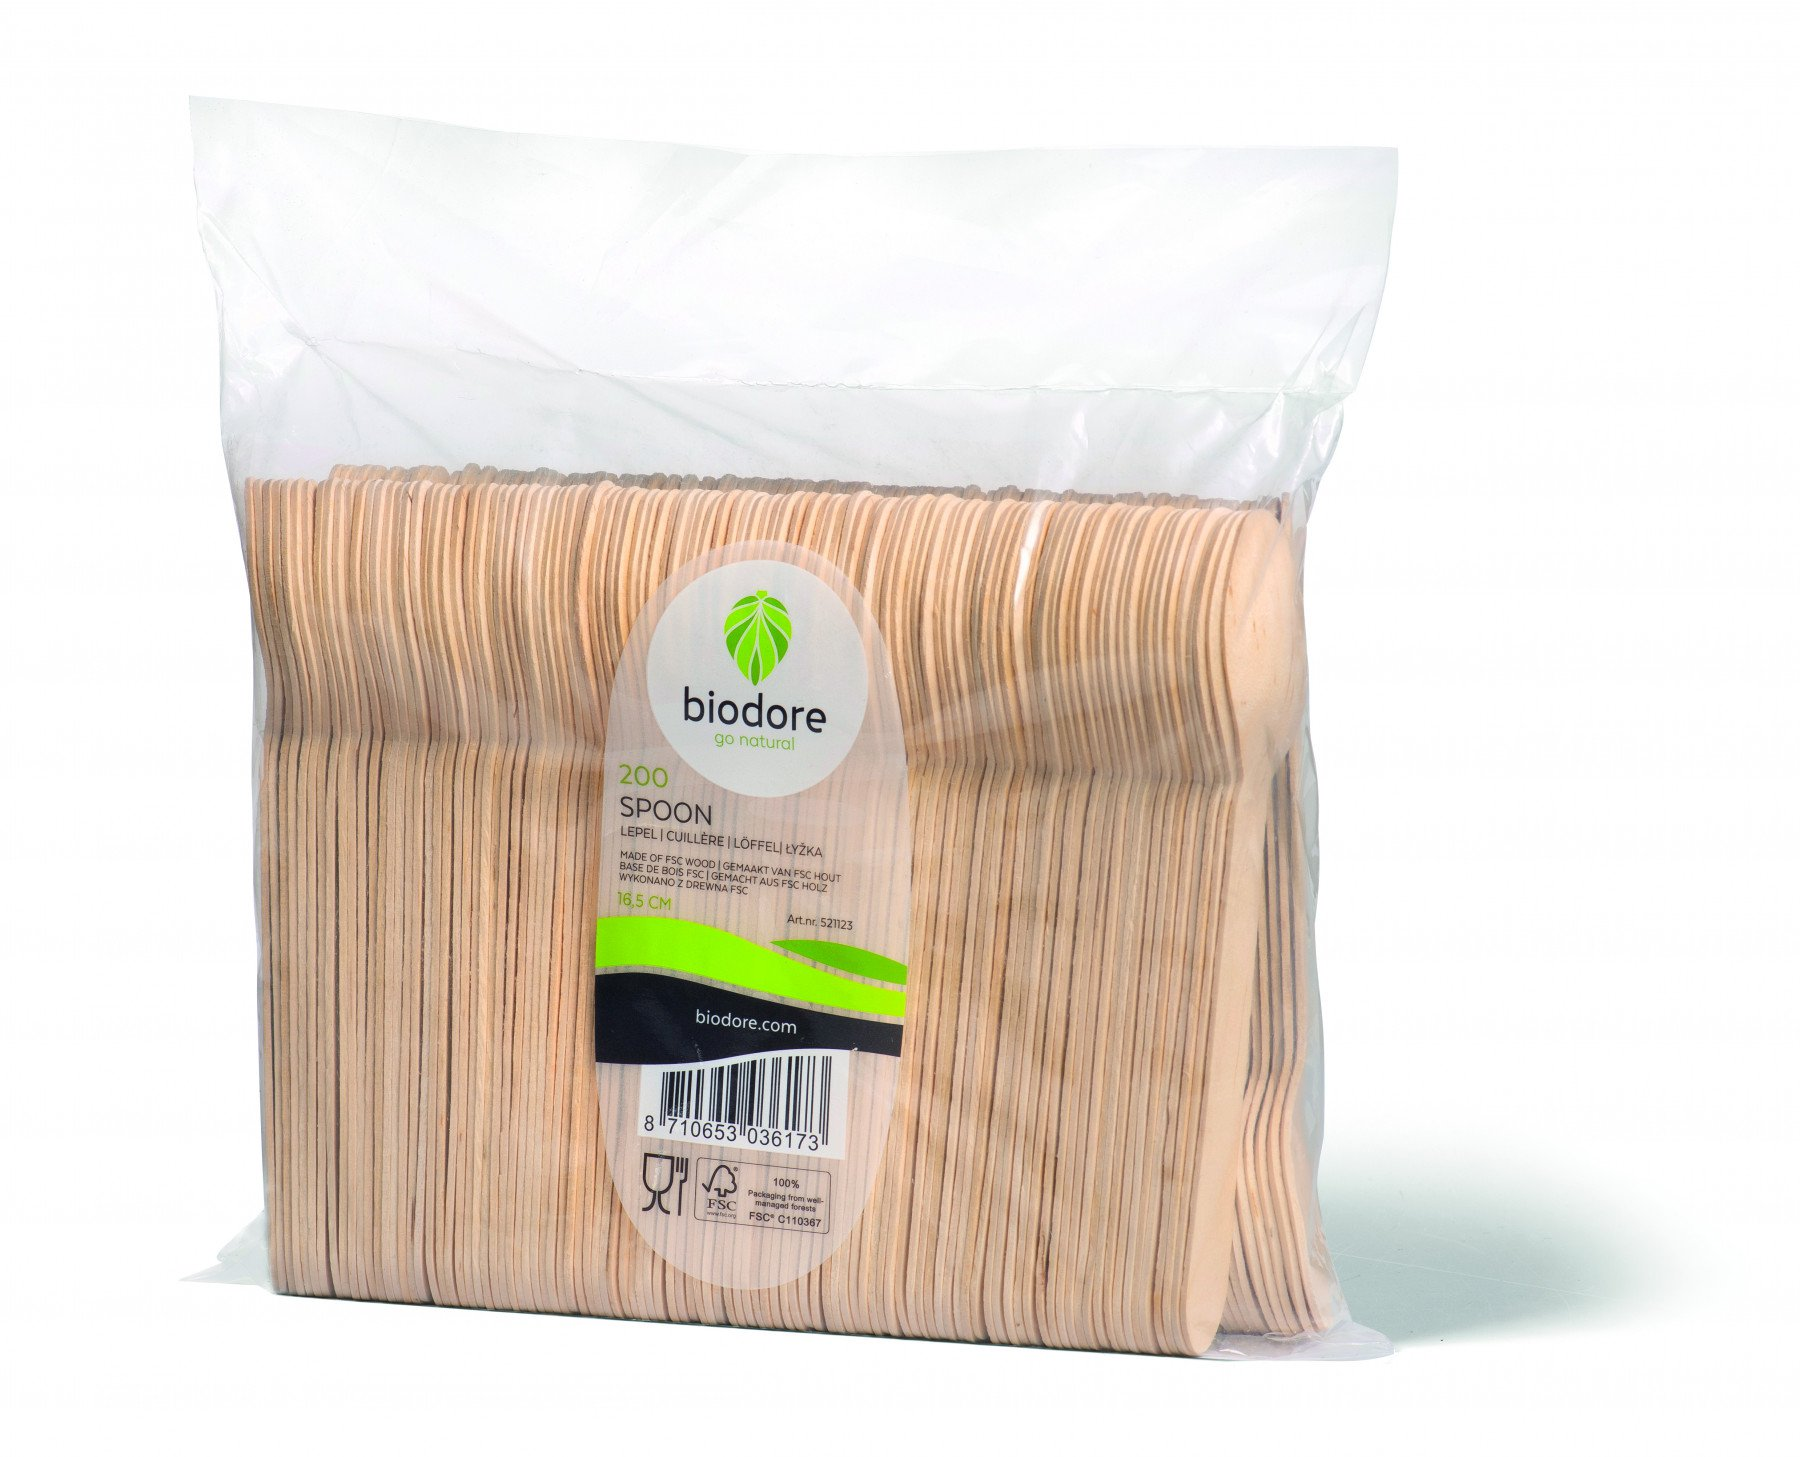 Biodore lepel hout 12 x 200 stuks